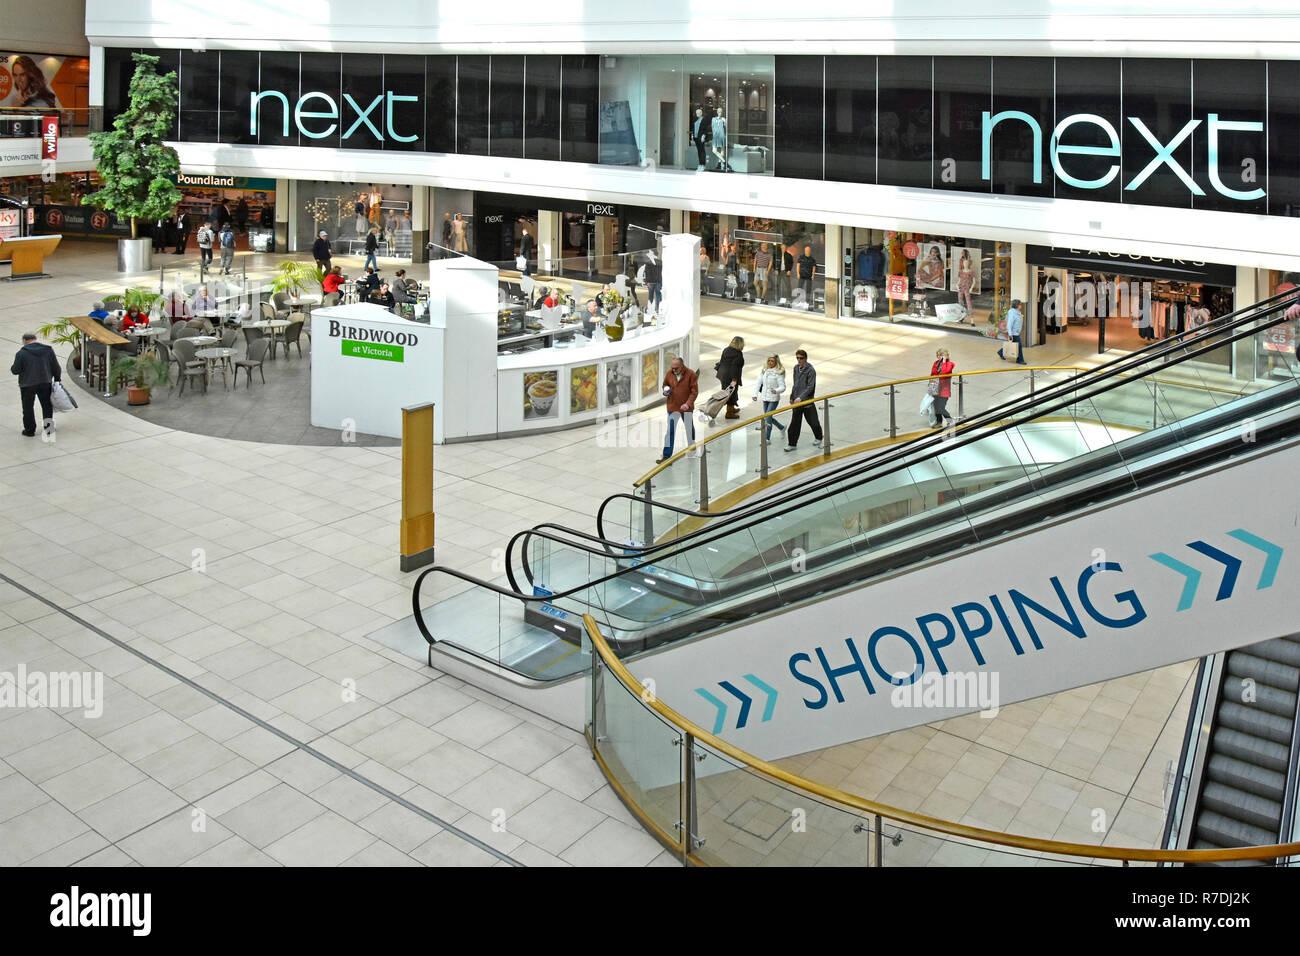 Regardant vers le bas sur le shopping mall signer sur le côté de l'escalier escalier à côté de la sortie d'une boutique de vêtements boutique/café restaurant & Southend Essex England UK Banque D'Images